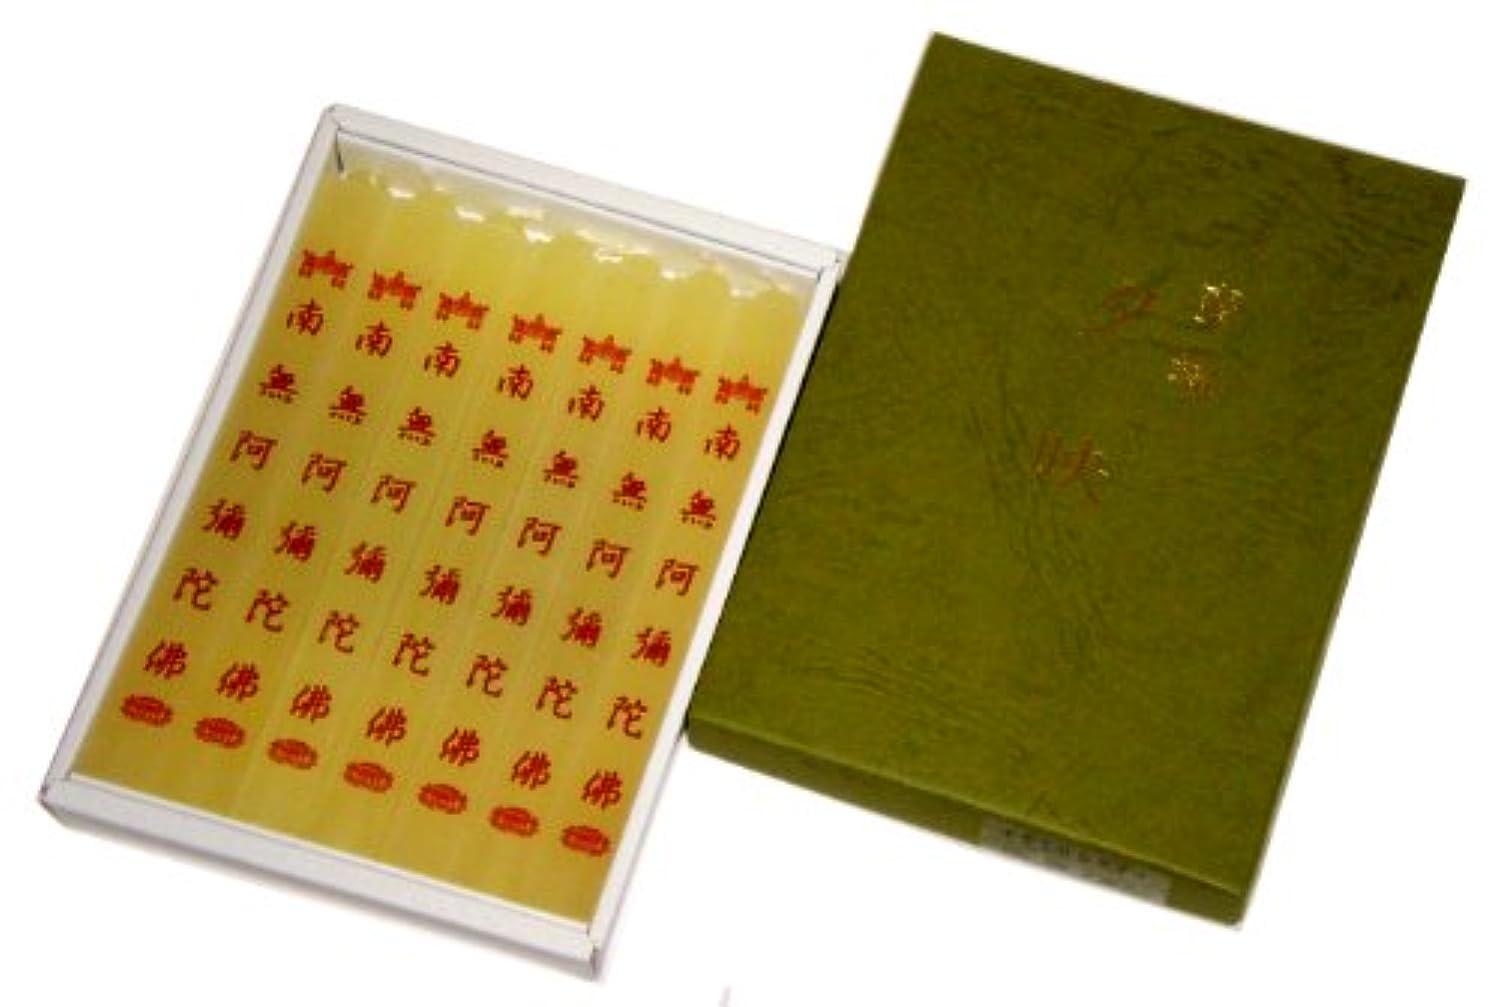 鳥居のローソク 蜜蝋夕映 陀仏 7本入 紙箱 #100711